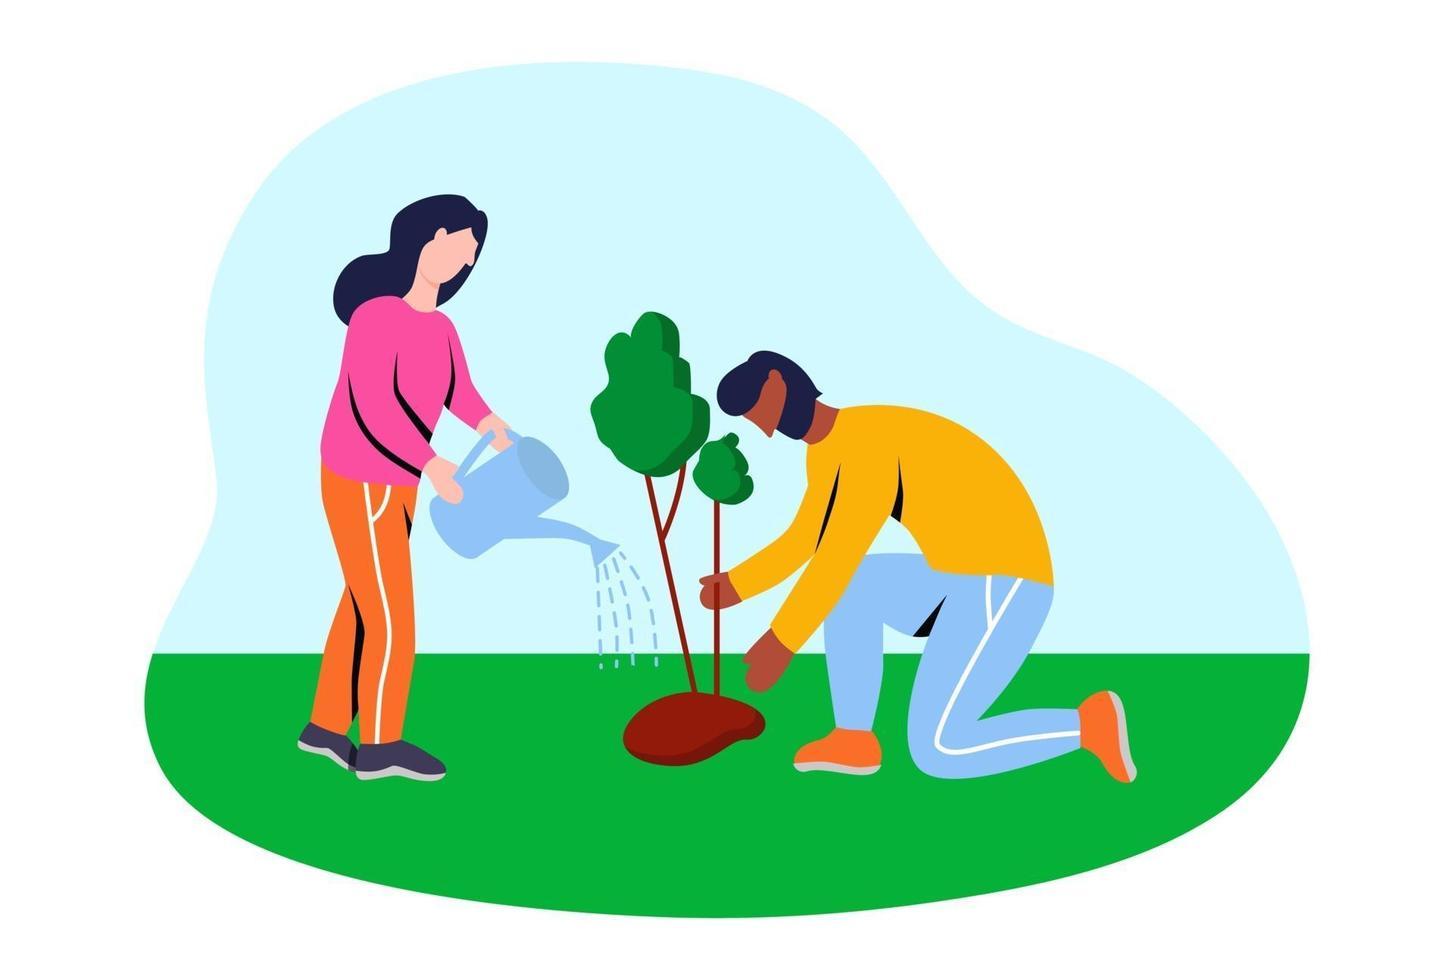 voluntários plantando árvores. ilustração vetorial plana. vetor